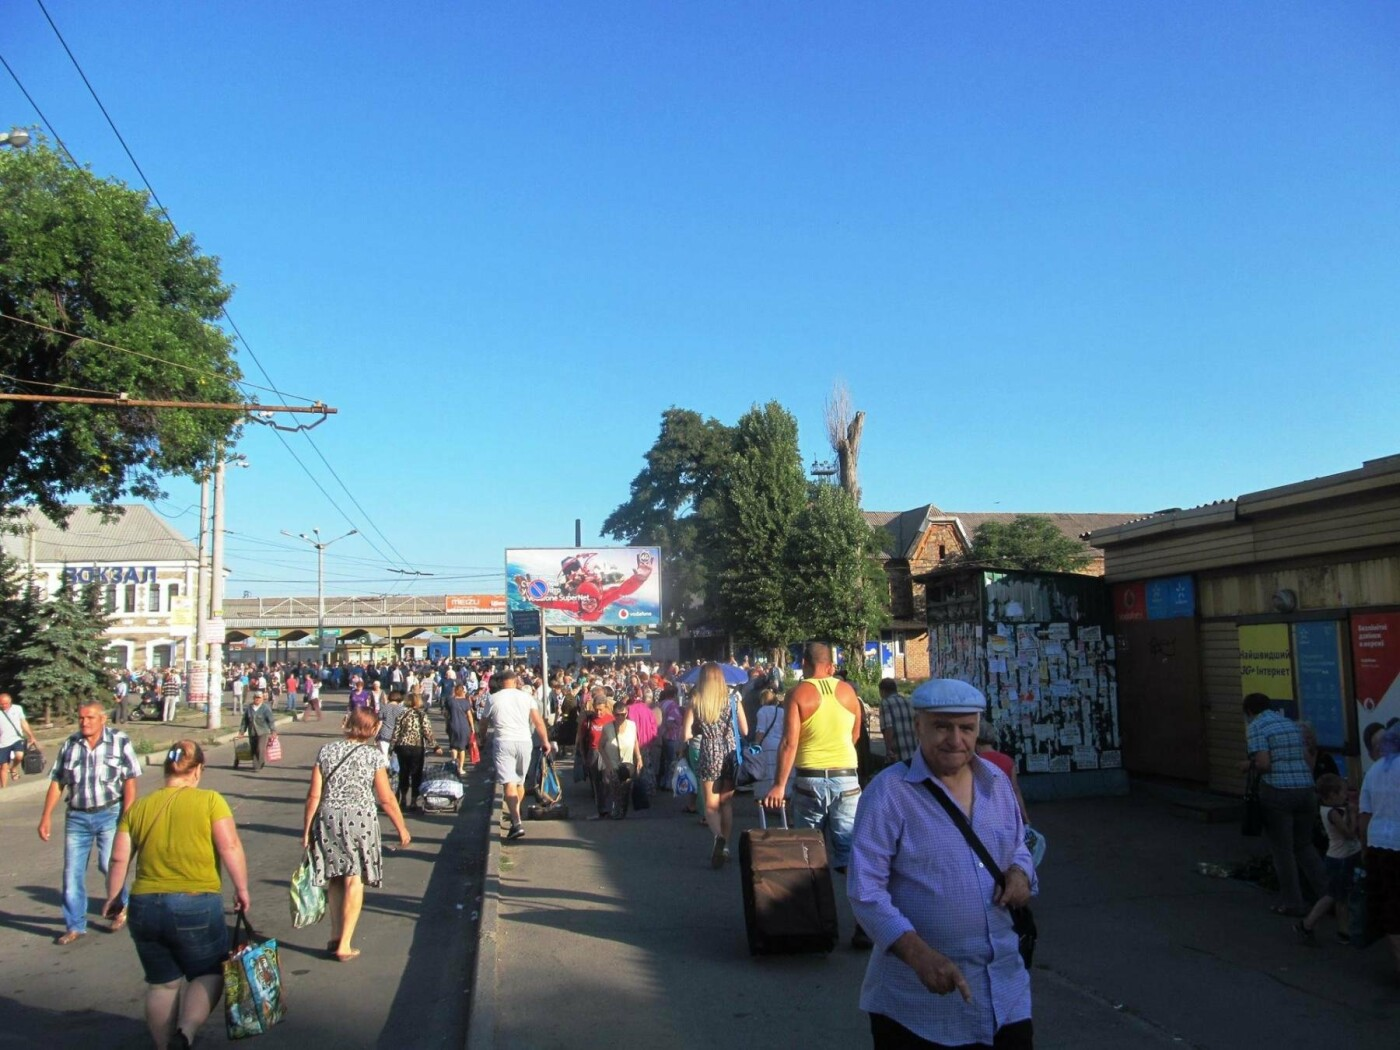 Базар-вокзал в Кривом Роге: Горожане предложили упорядочить стихийный рынок на Долгинцево, - ФОТО, фото-13